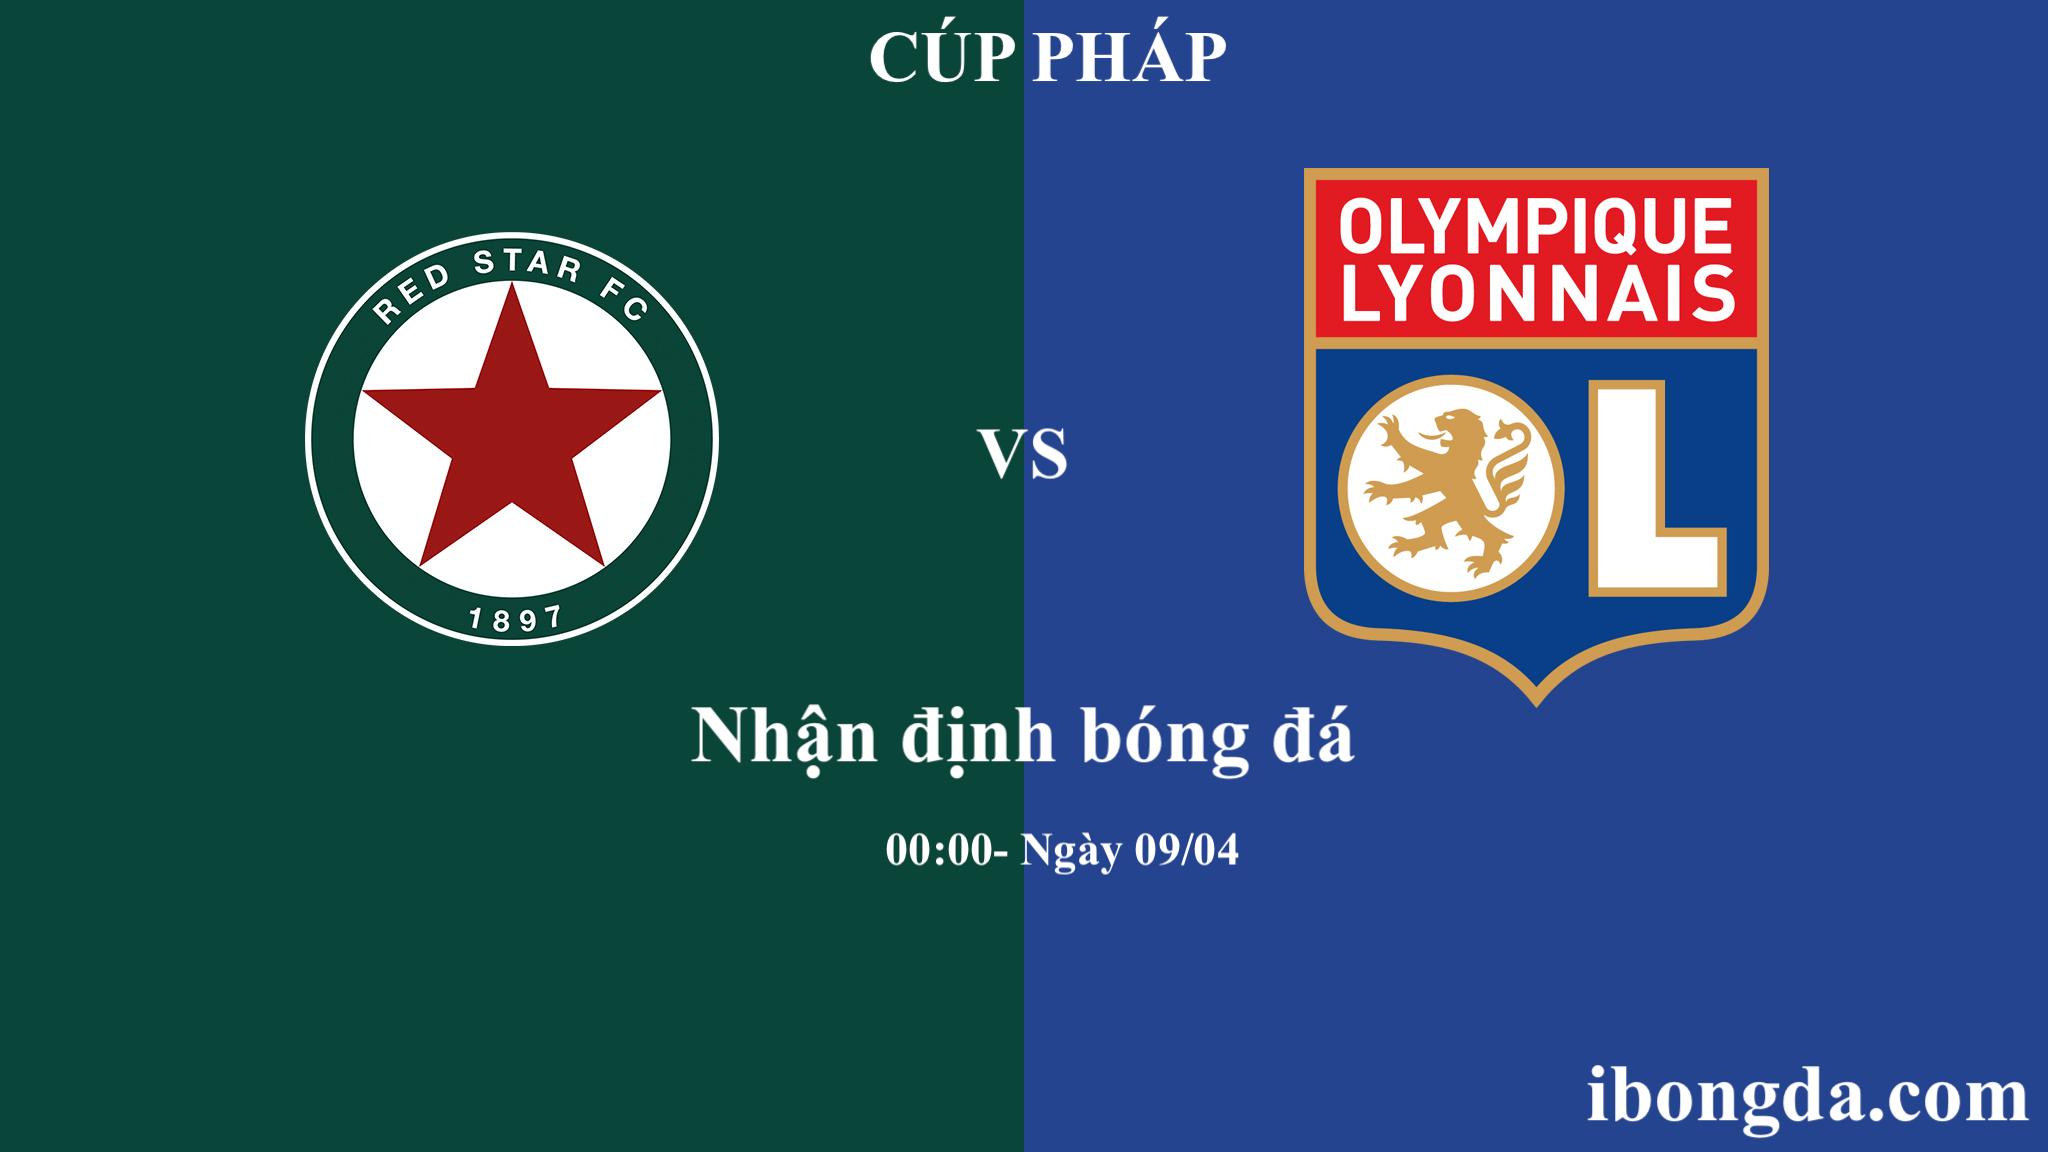 Vào lúc 0h thứ sáu 09/04 Red Star và Lyon sẽ có cuộc chạm trán